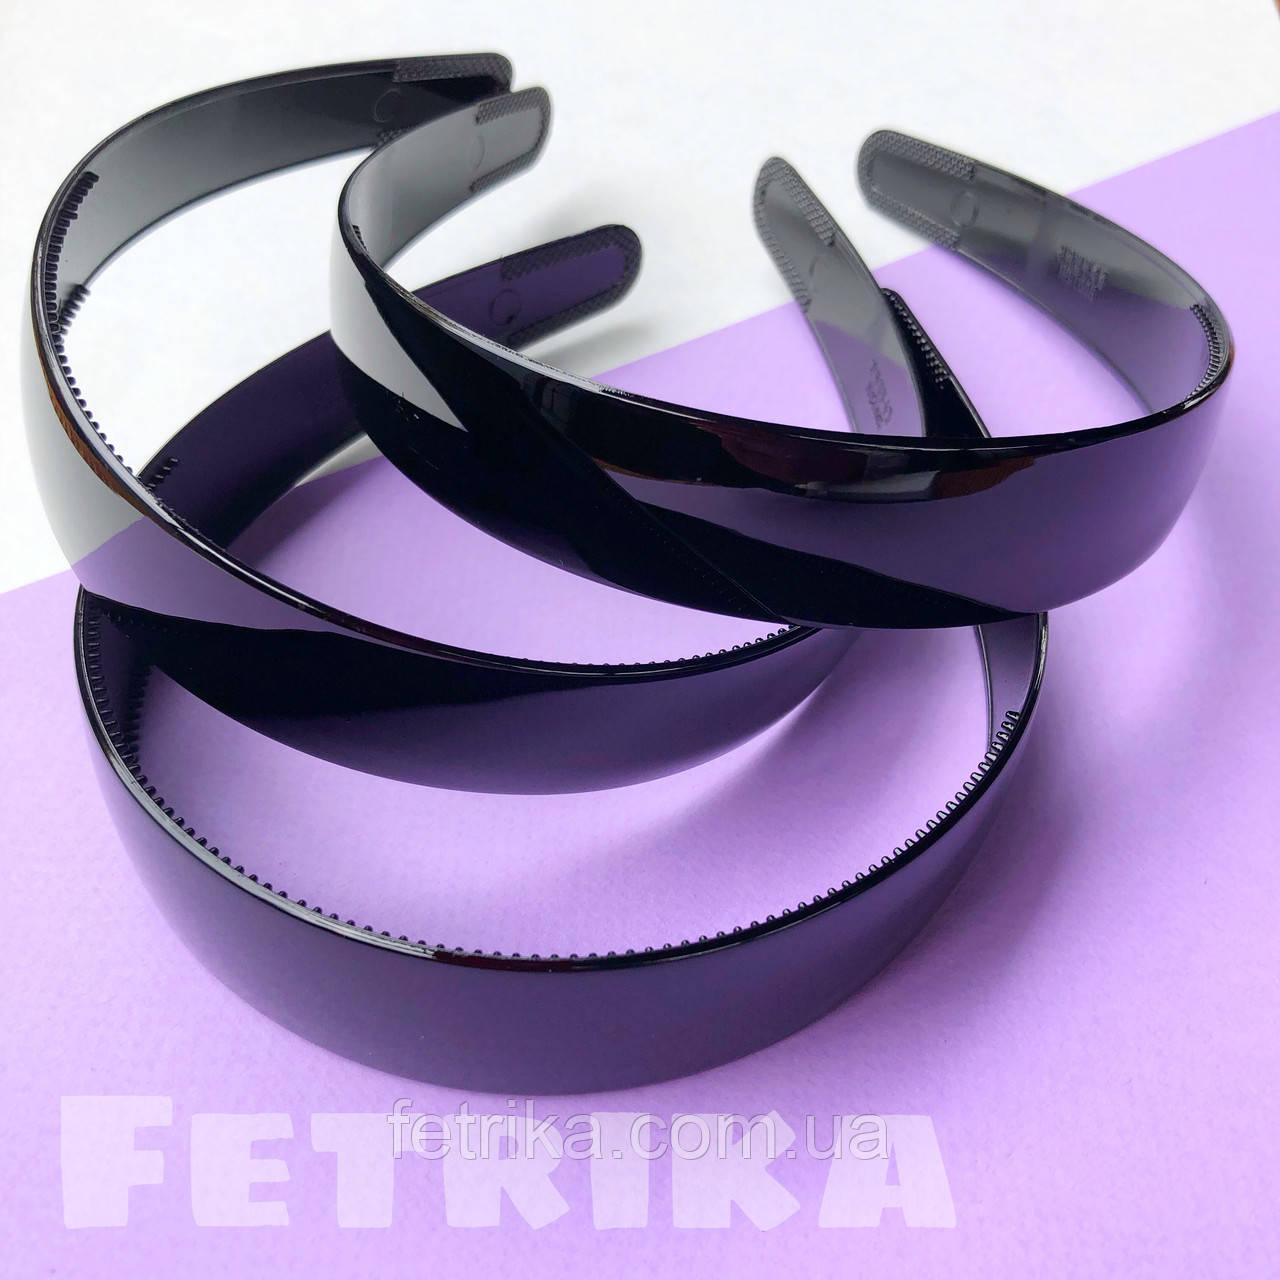 Обруч для волос пластмассовый ЧЕРНЫЙ, широкий, глянцевый, 25 мм